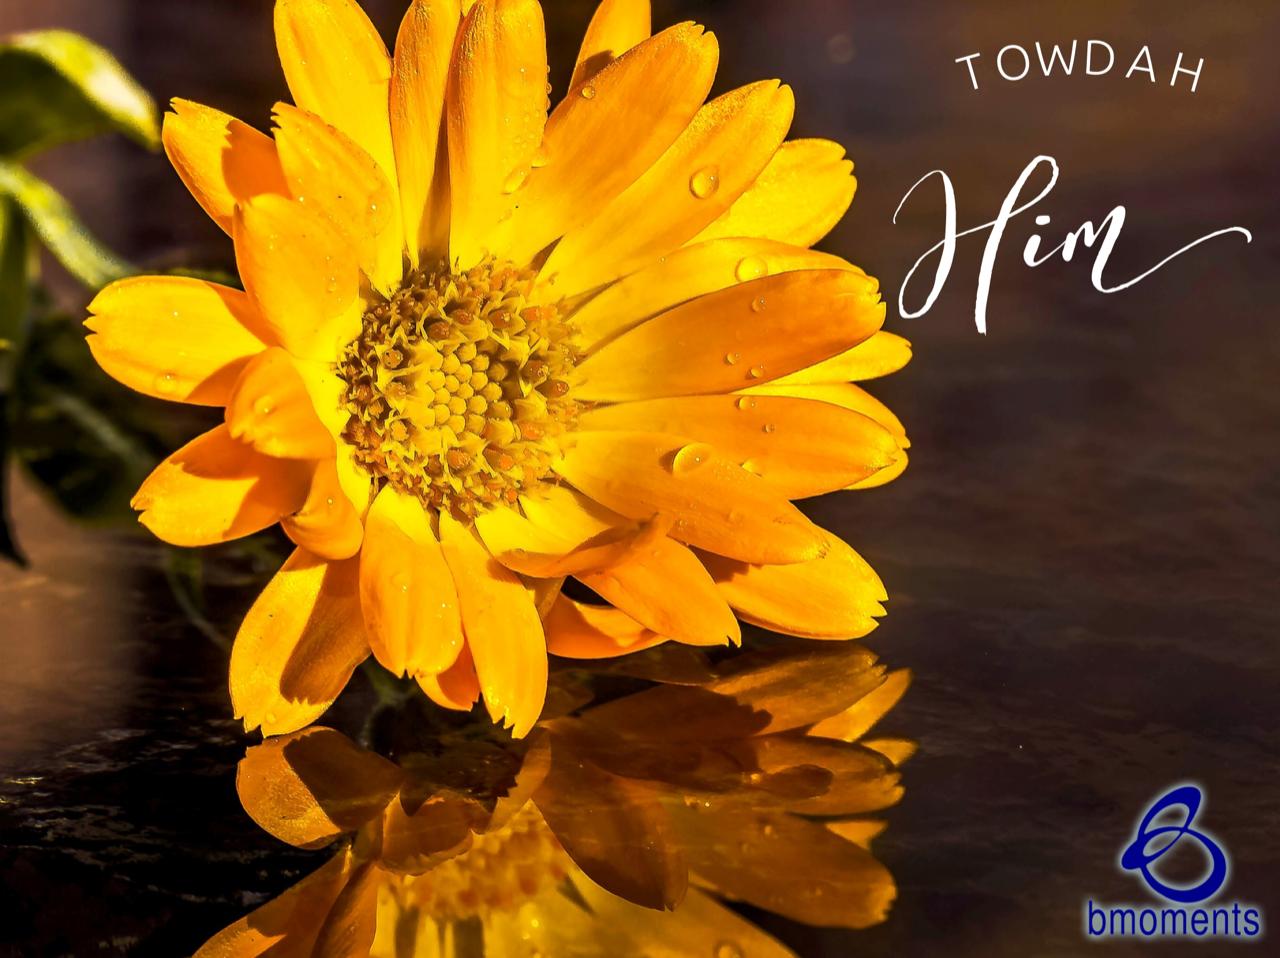 Towdah God: Praise Him for Blessings Not Yet Received